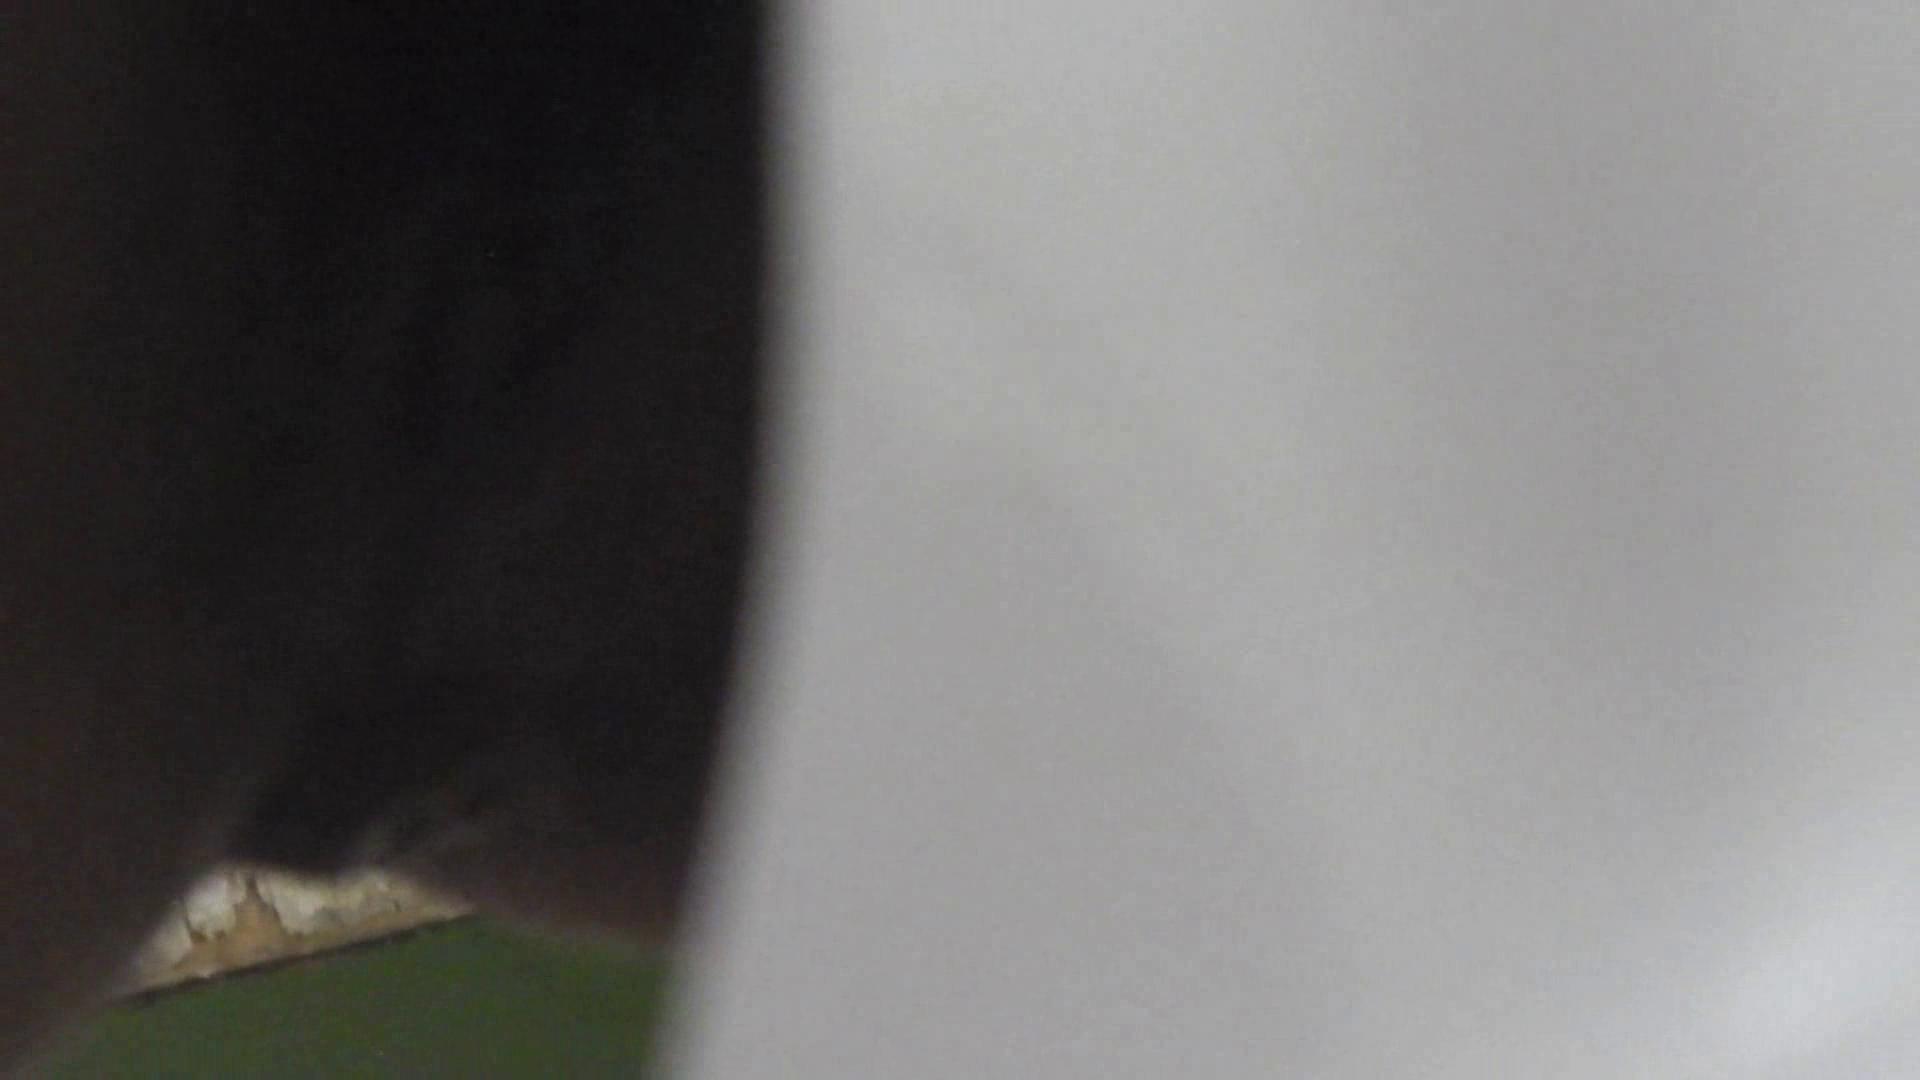 洗面所特攻隊 vol.002今回も鮮明です 投稿 AV無料 104画像 69